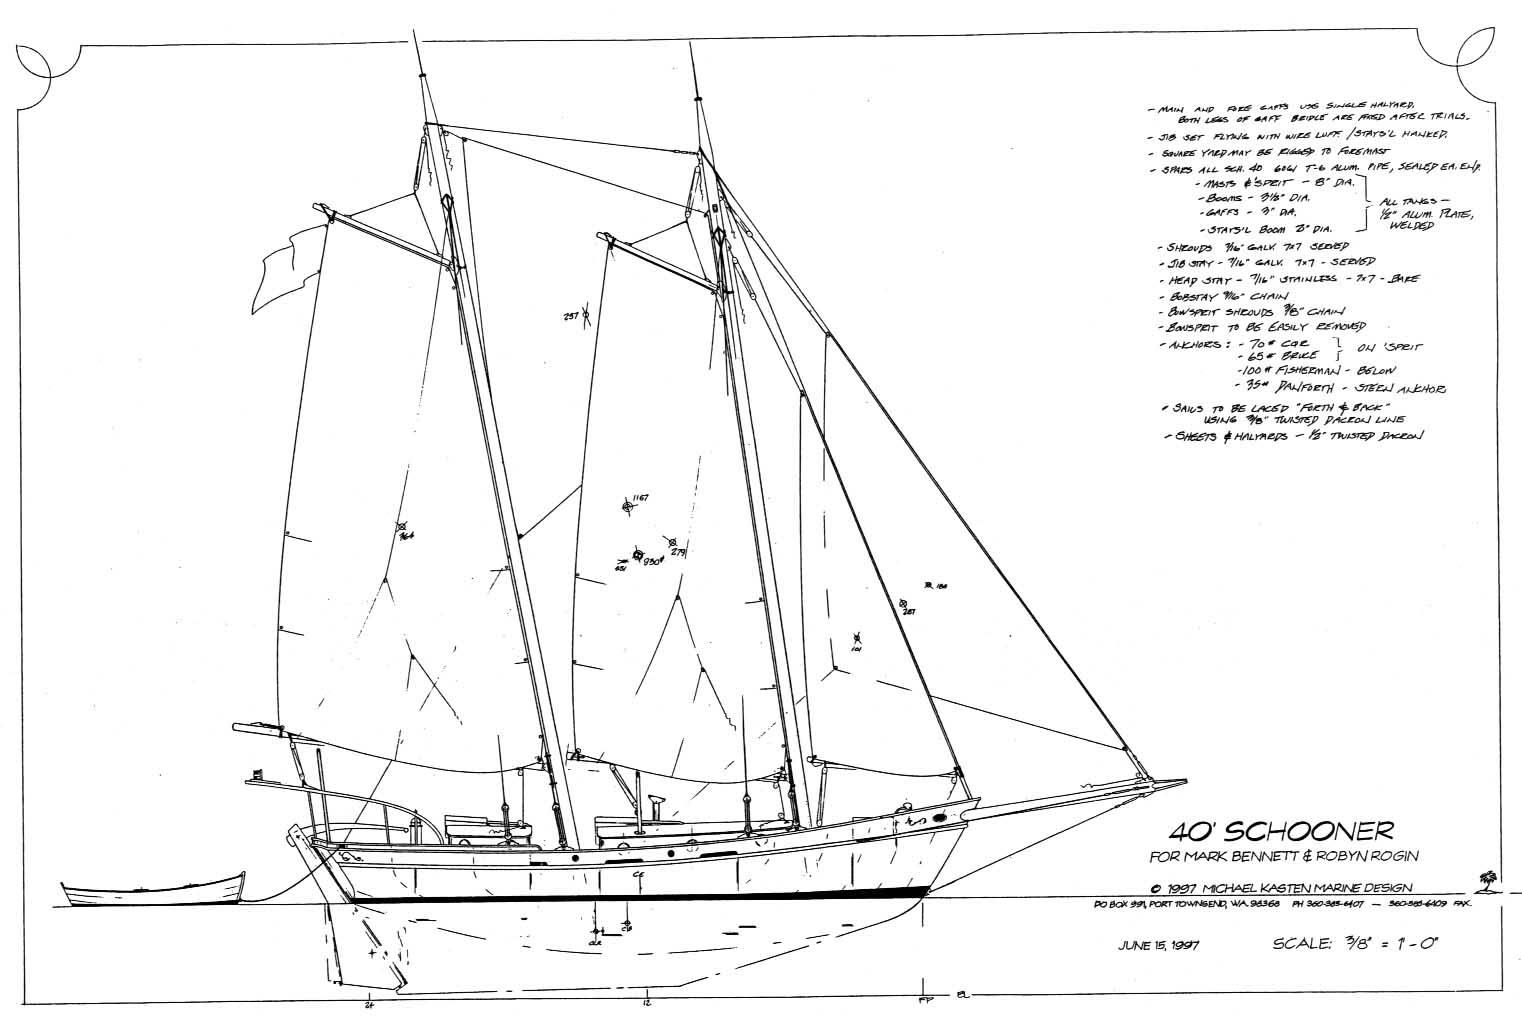 Cabin cruiser: Sailboat Model Plan